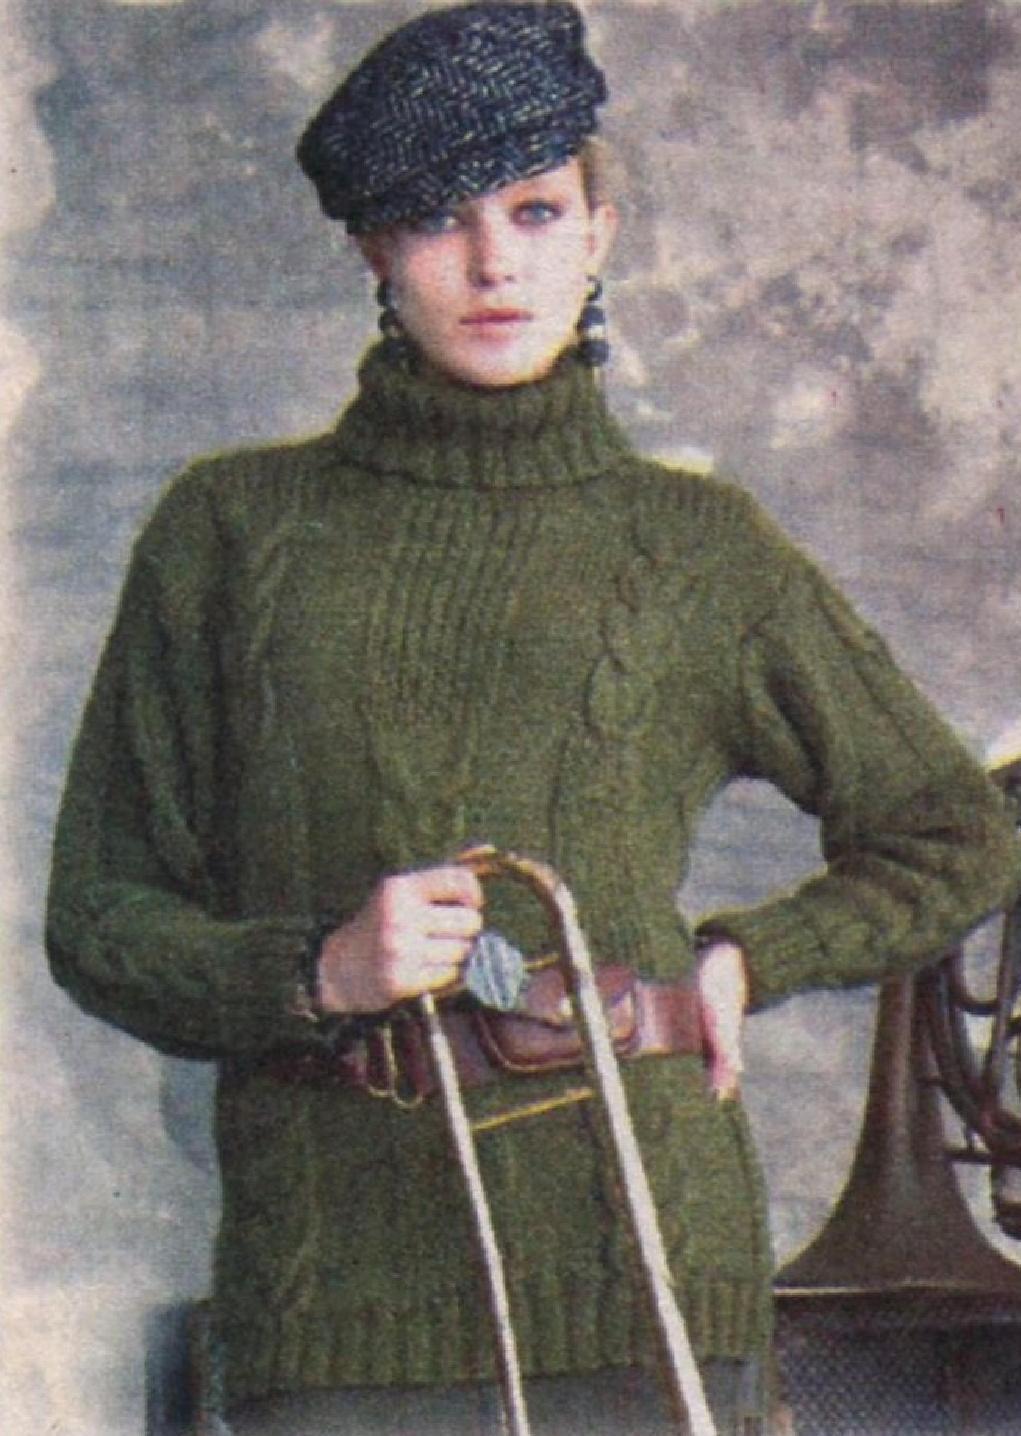 Теплый пуловер с фантазийным узором